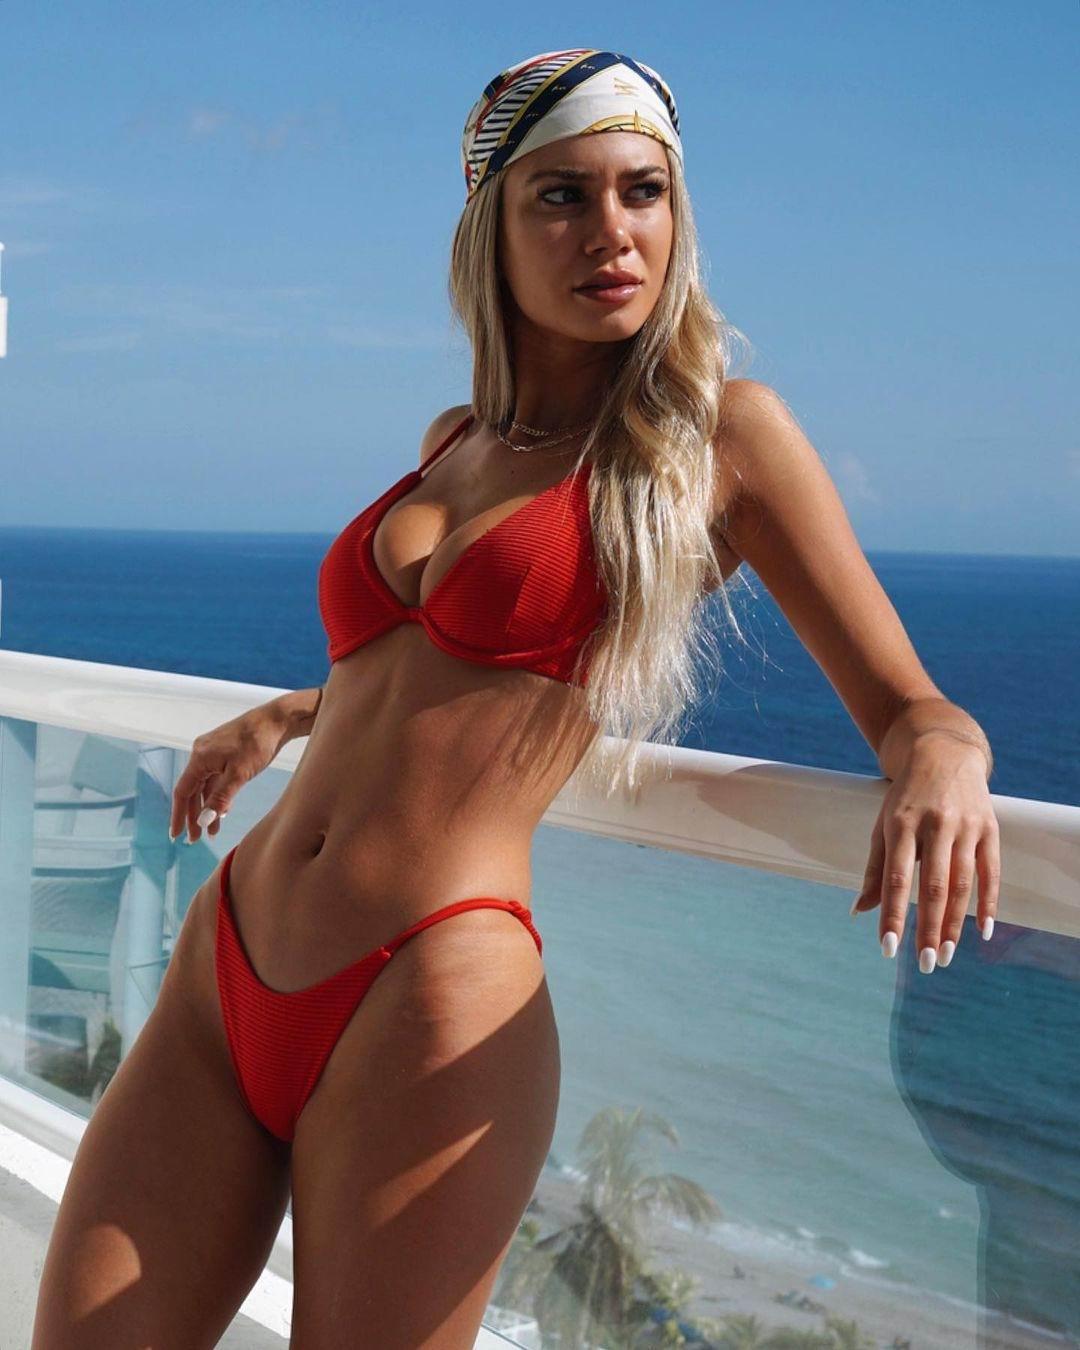 Model Ksenia